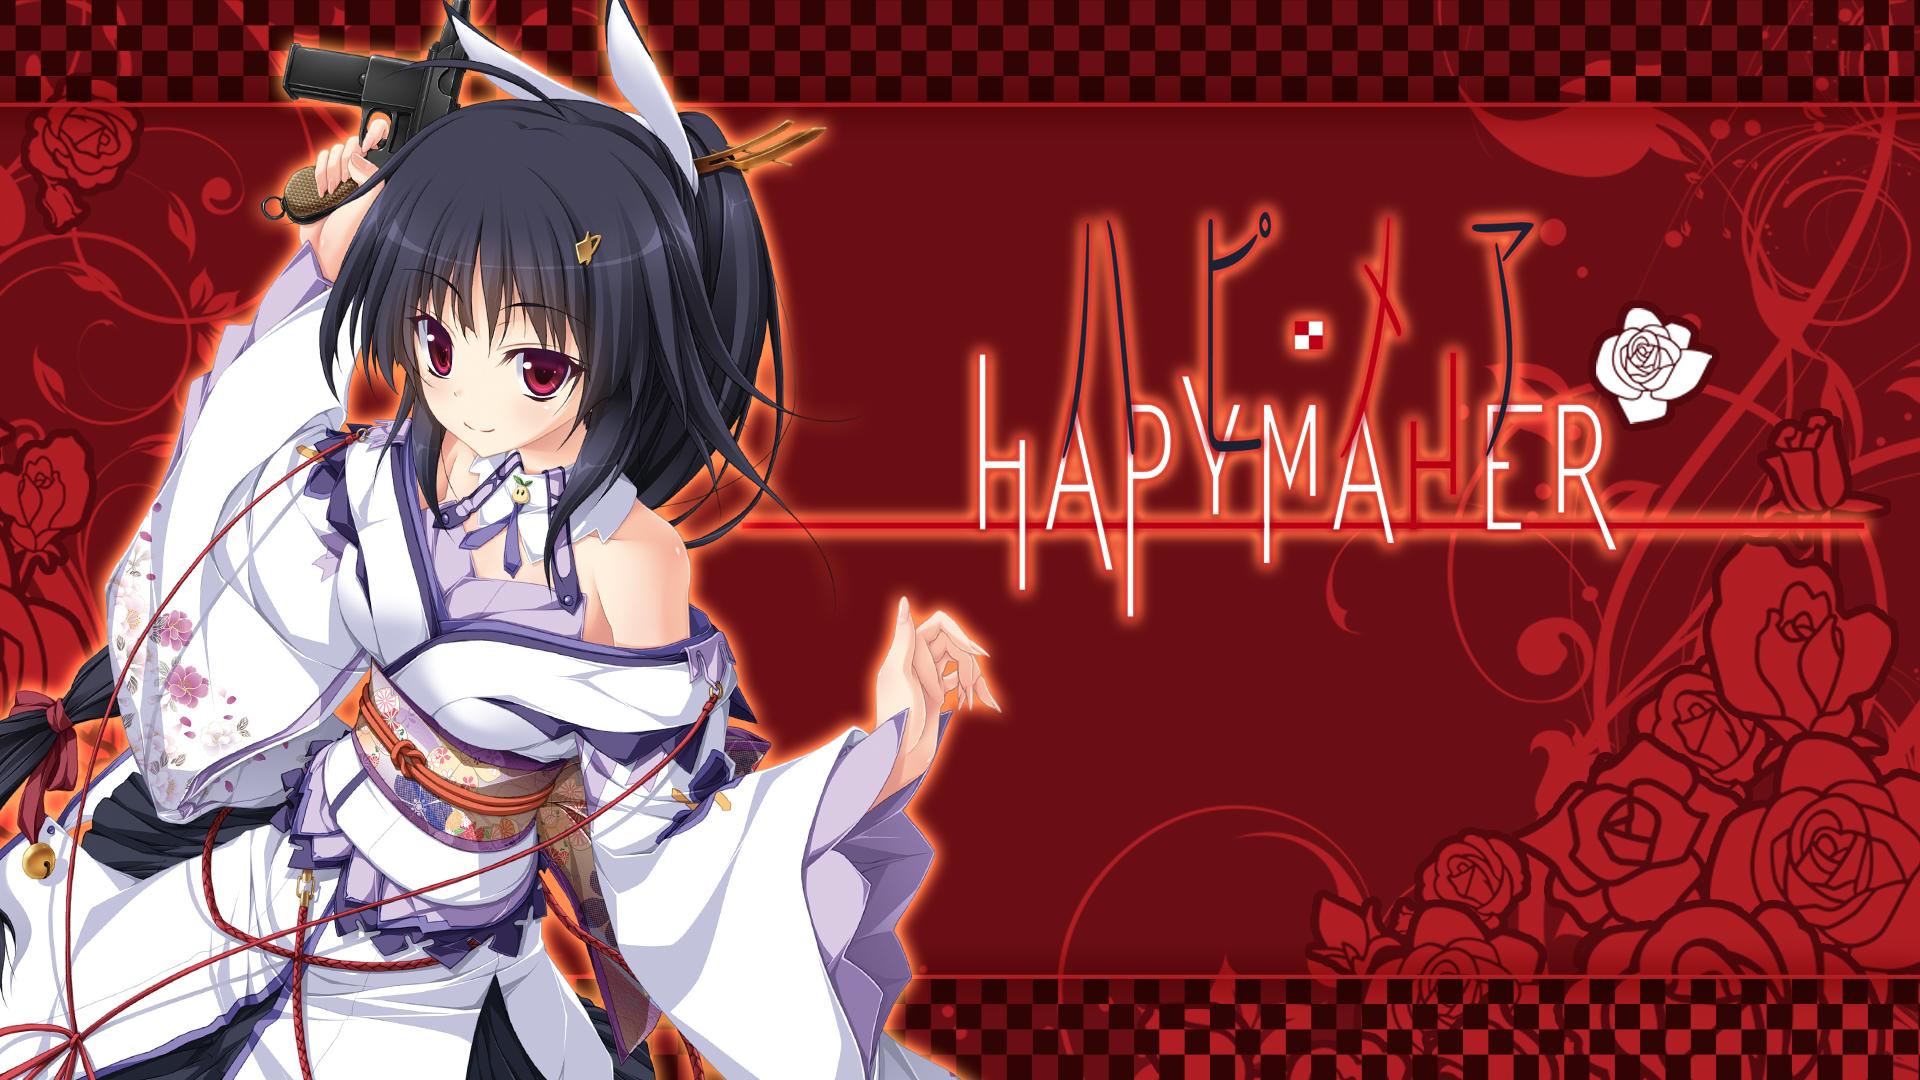 Hapymaher Pics, Anime Collection